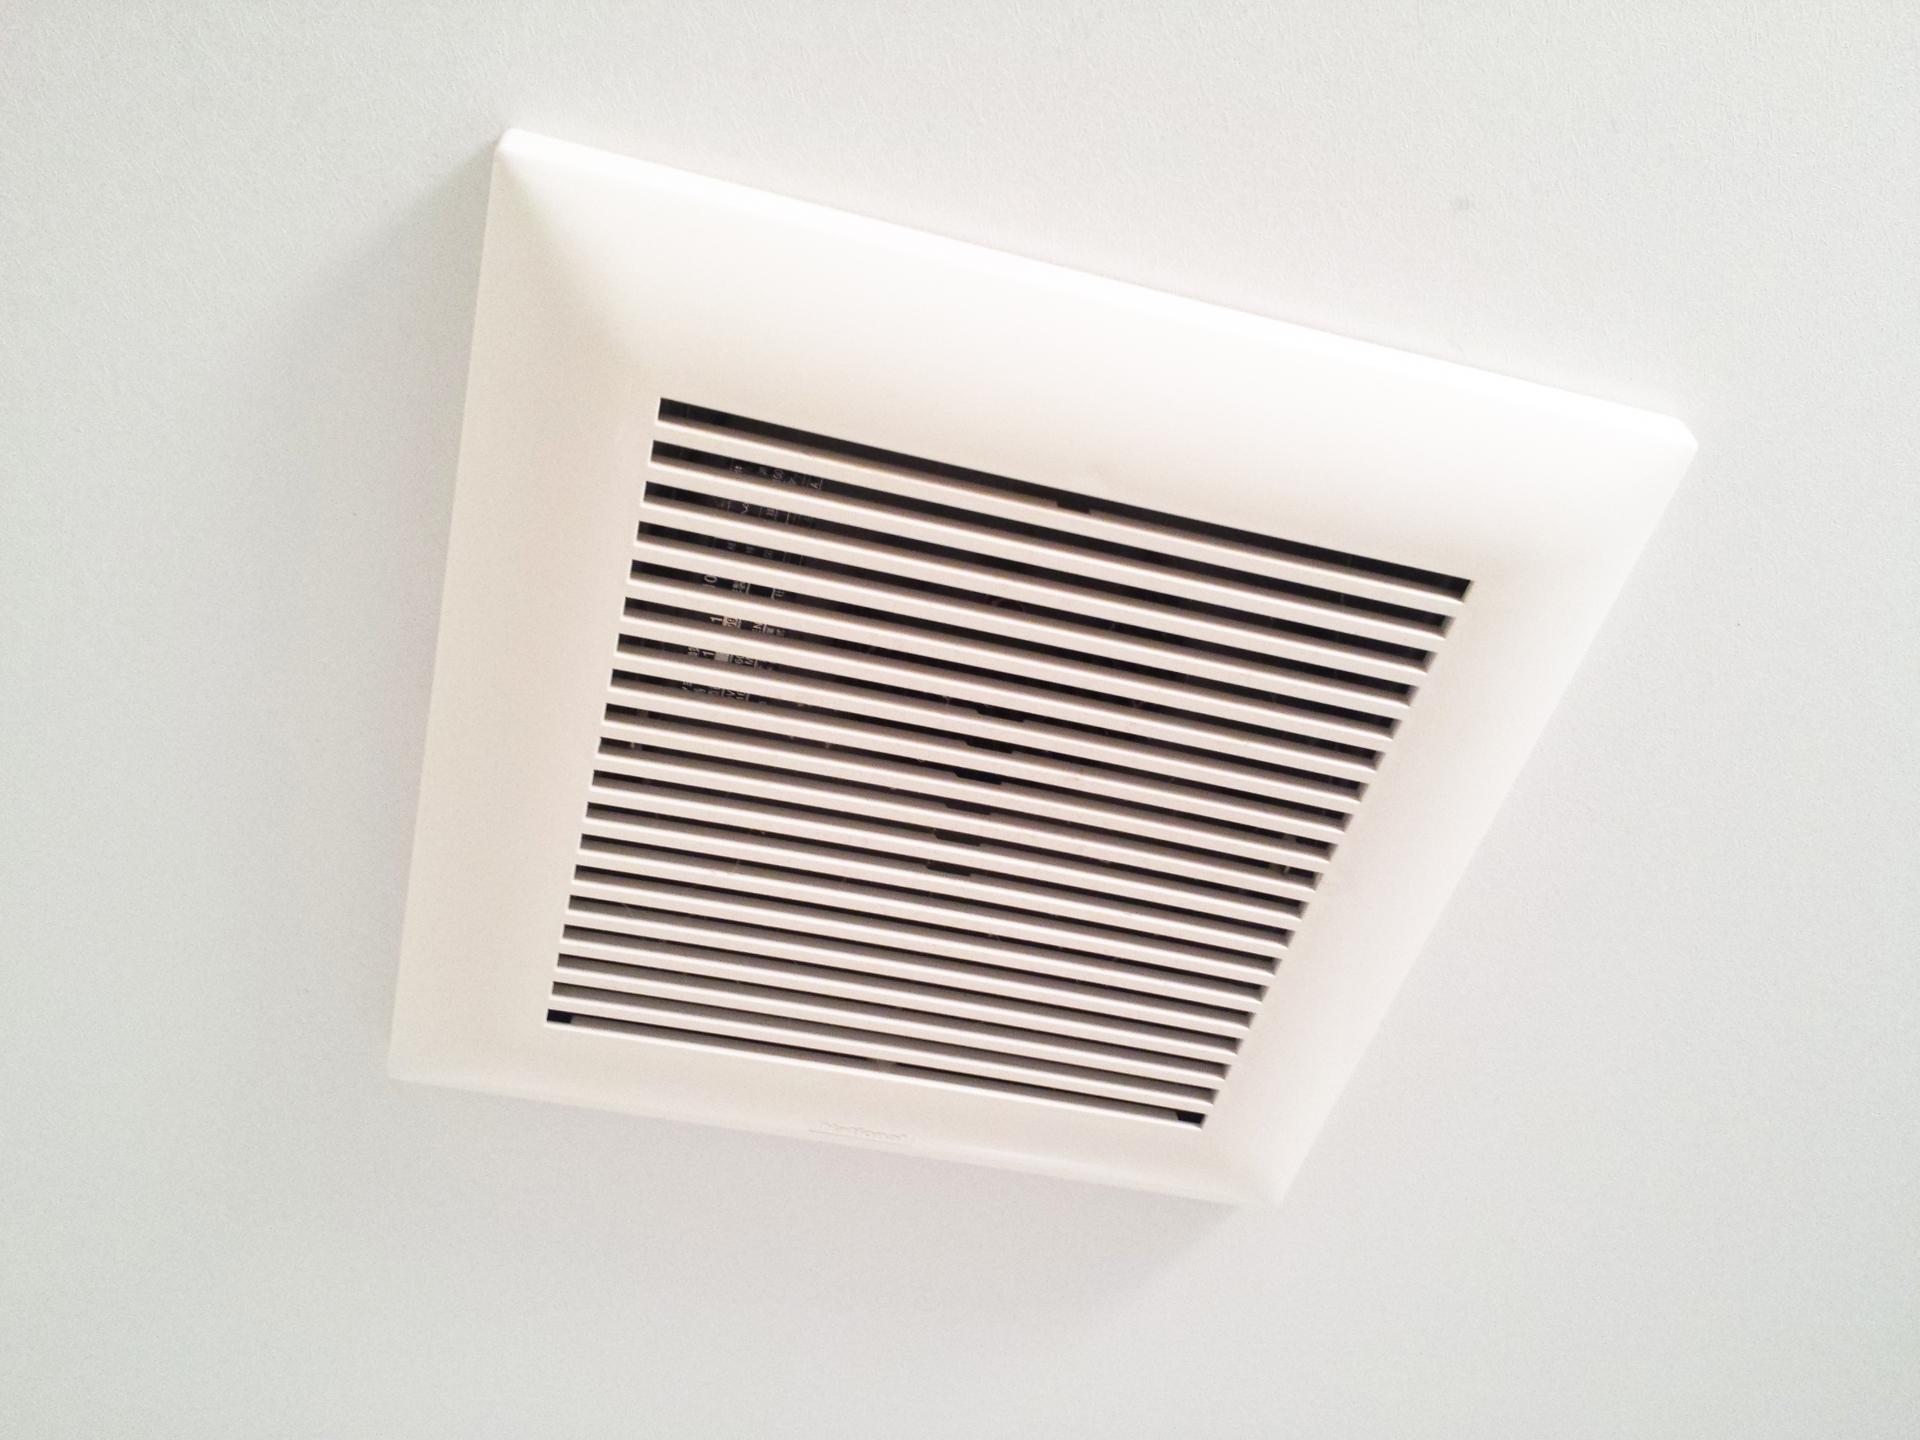 換気扇掃除の目安とは?汚れをためずにキレイが続く掃除方法を解説!